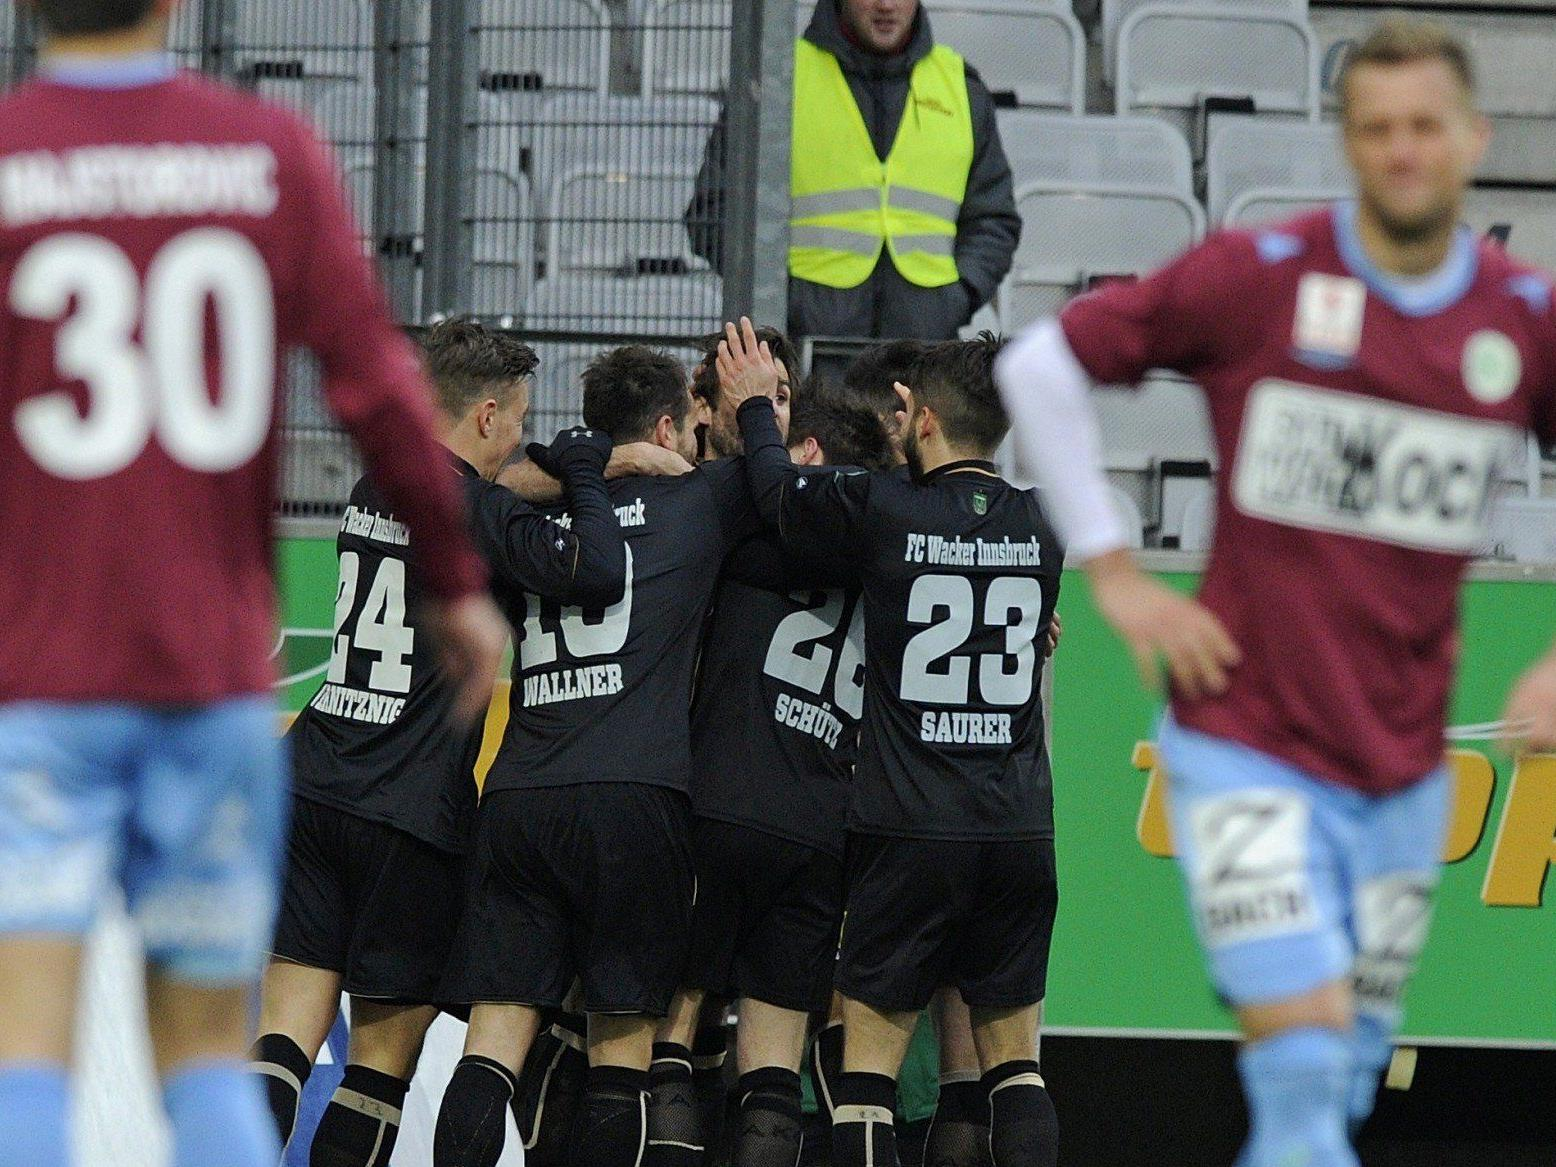 Wir berichten ab 18.30 Uhr live vom Spiel SV Mattersburg gegen Wacker Innsbruck.